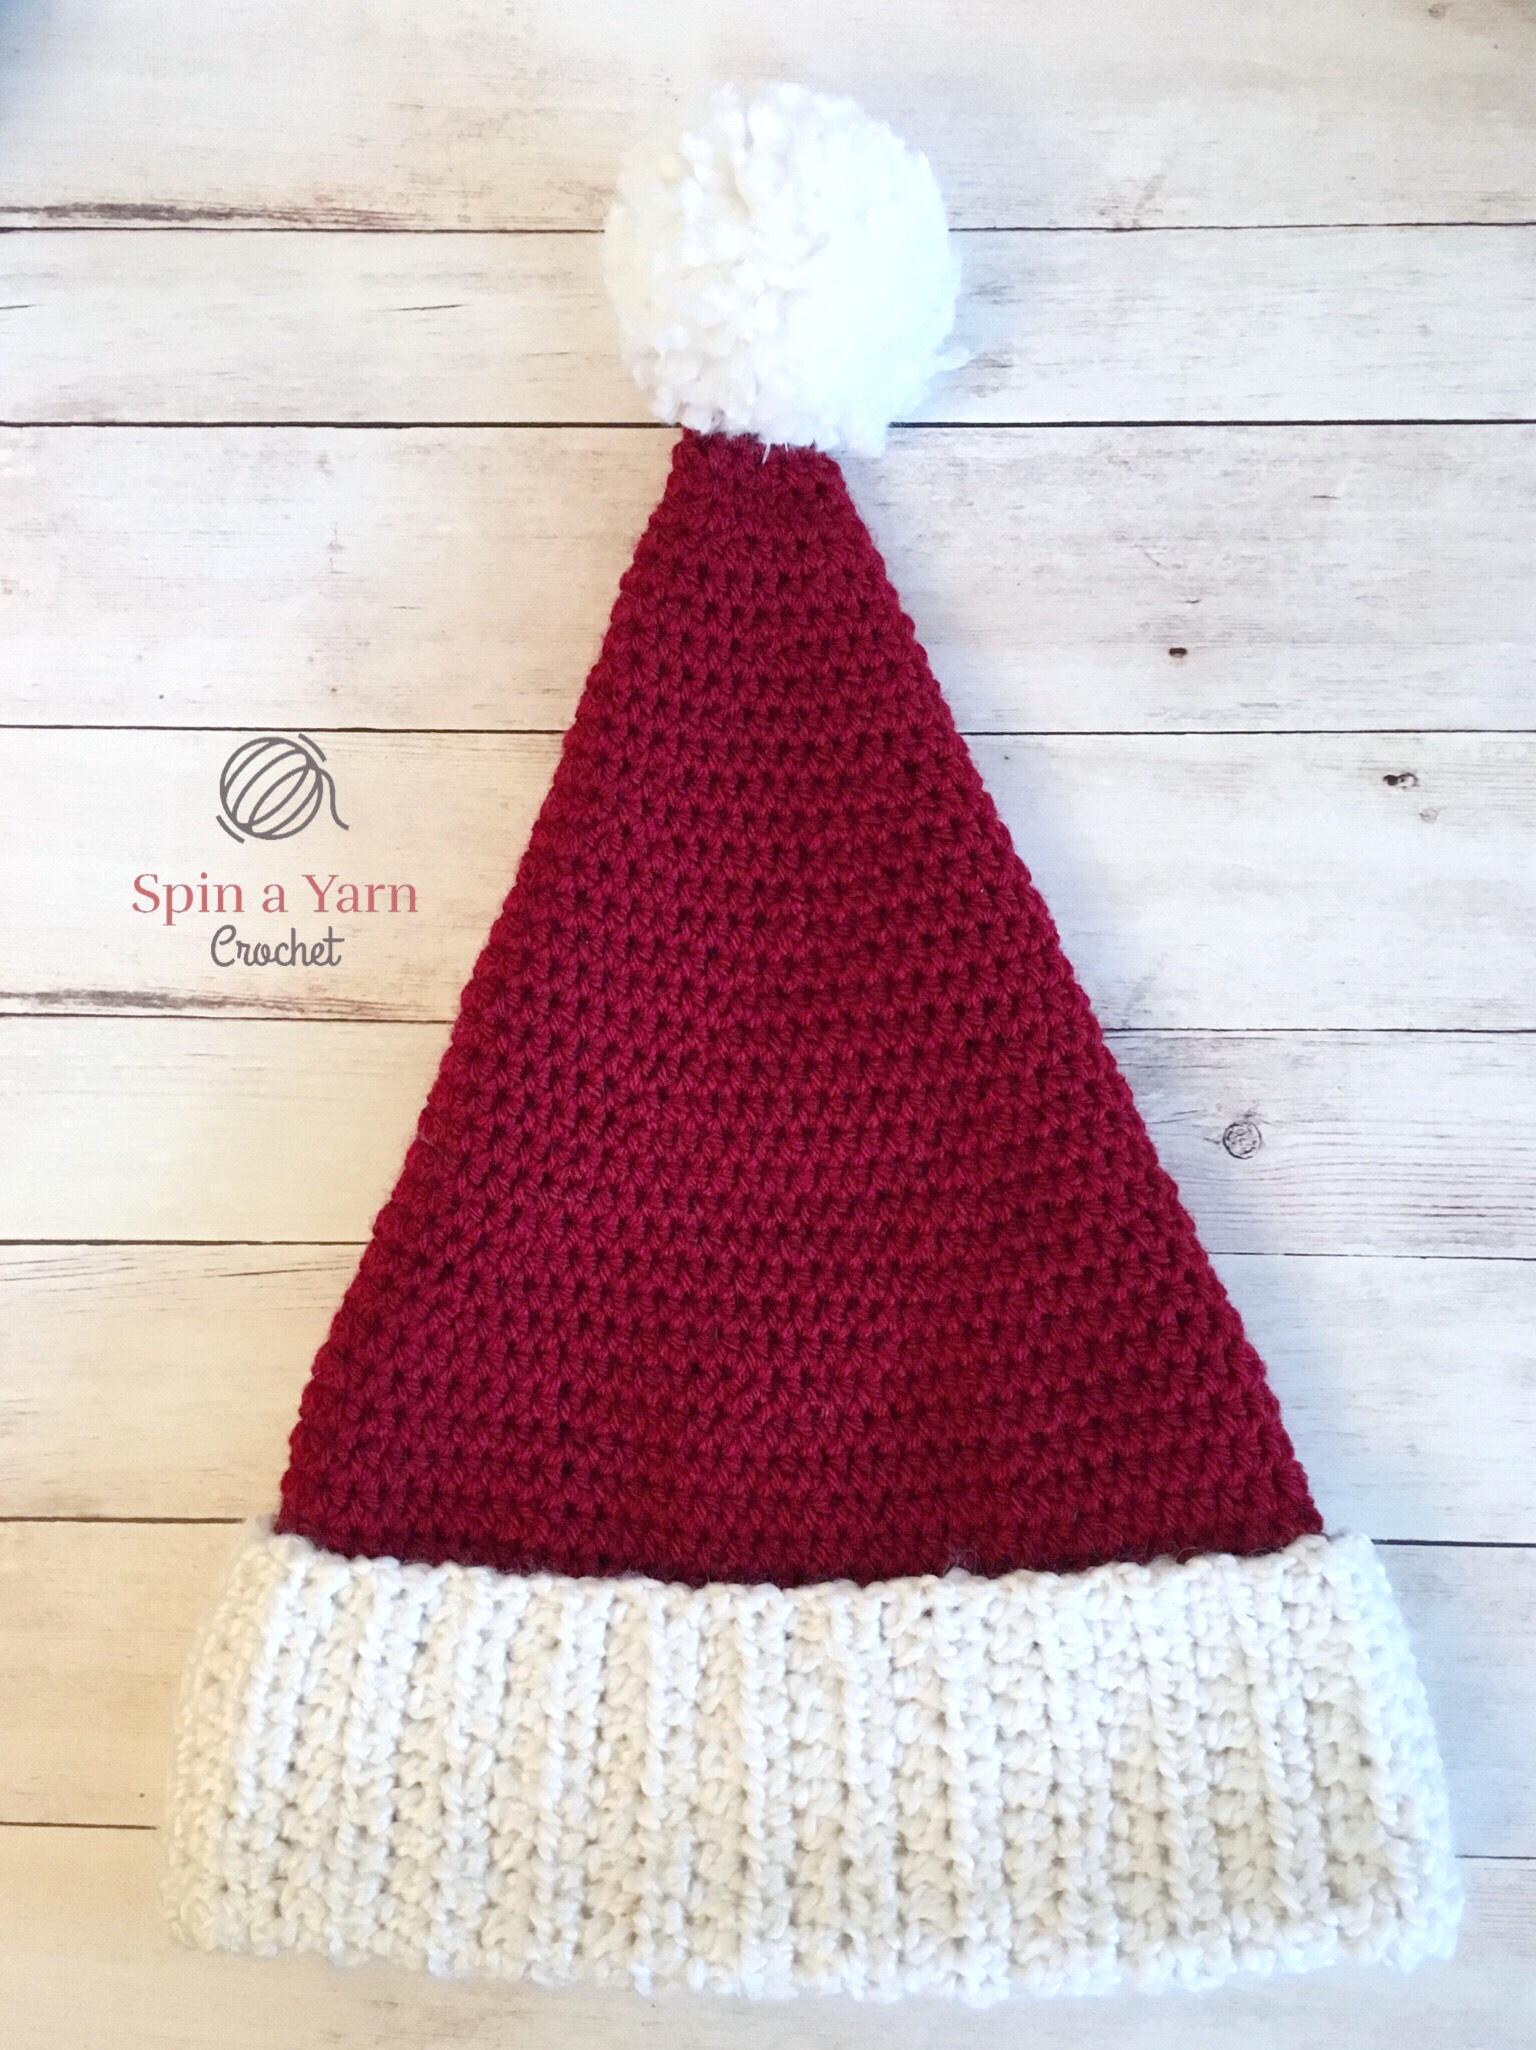 Santa Hat Free Crochet Pattern • Spin a Yarn Crochet 797e9242e0b